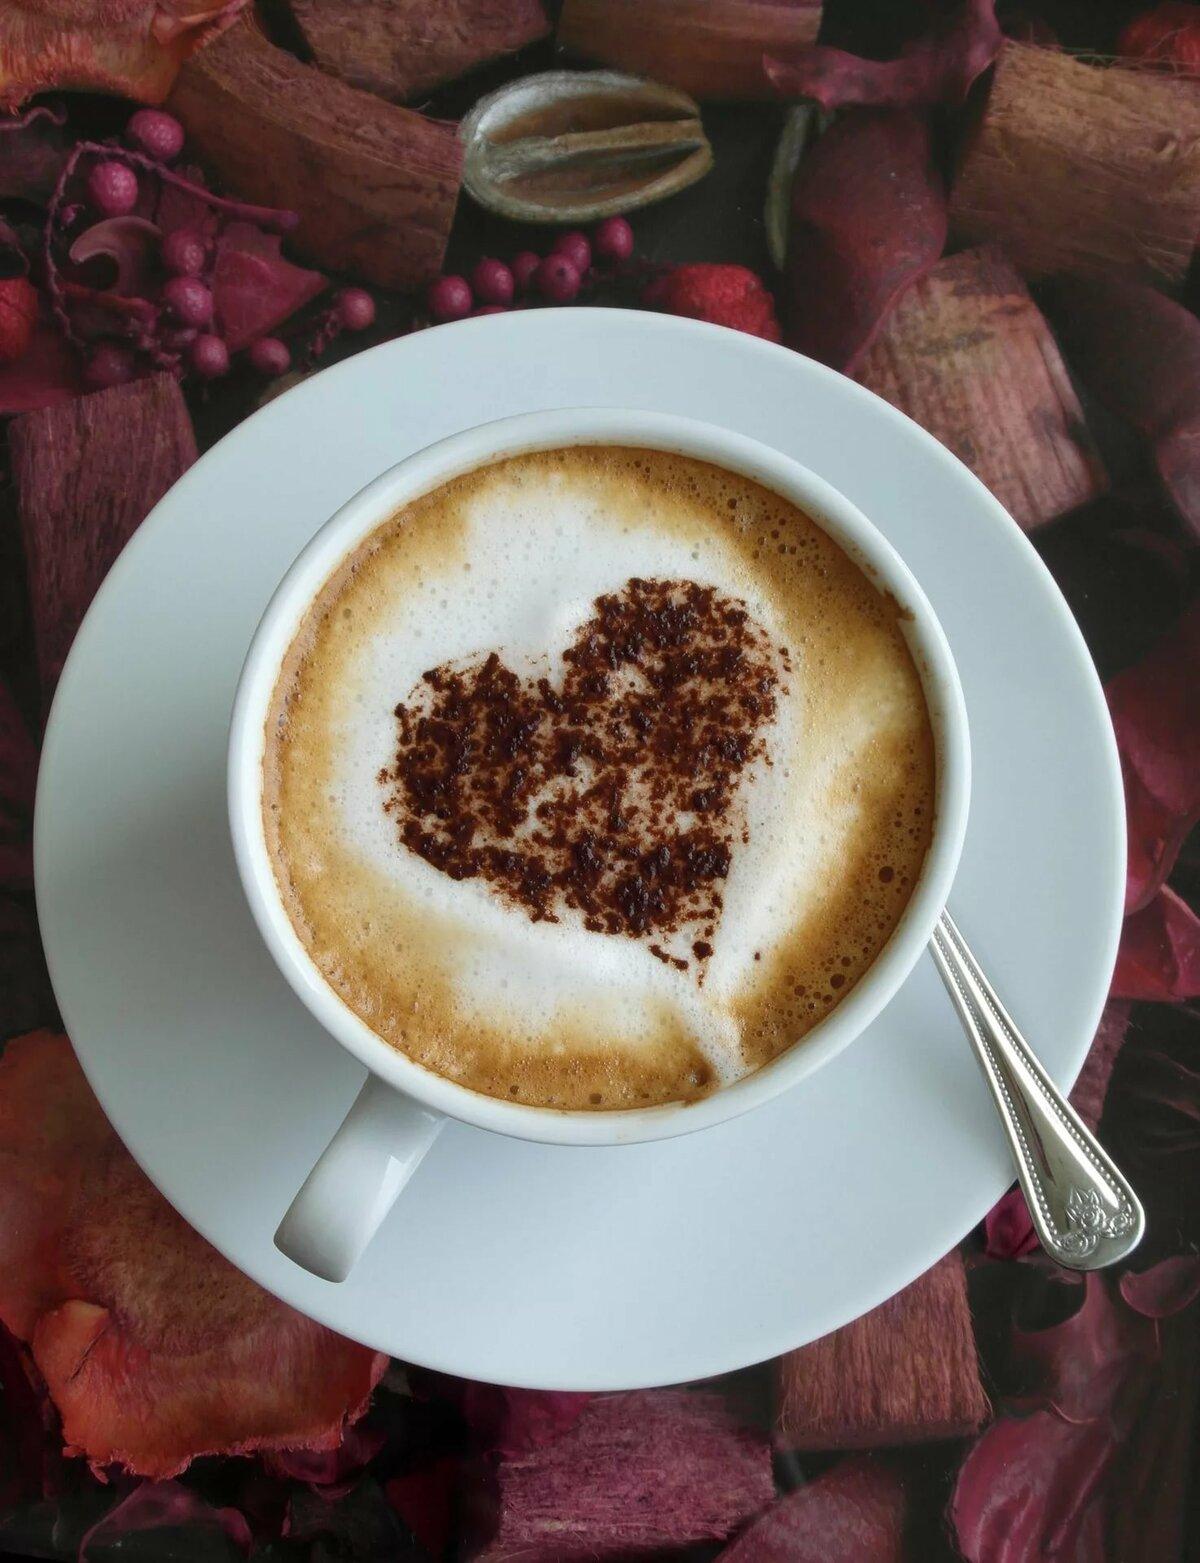 навигации торговом фото чашечки кофе с сердечком нашли идеальные